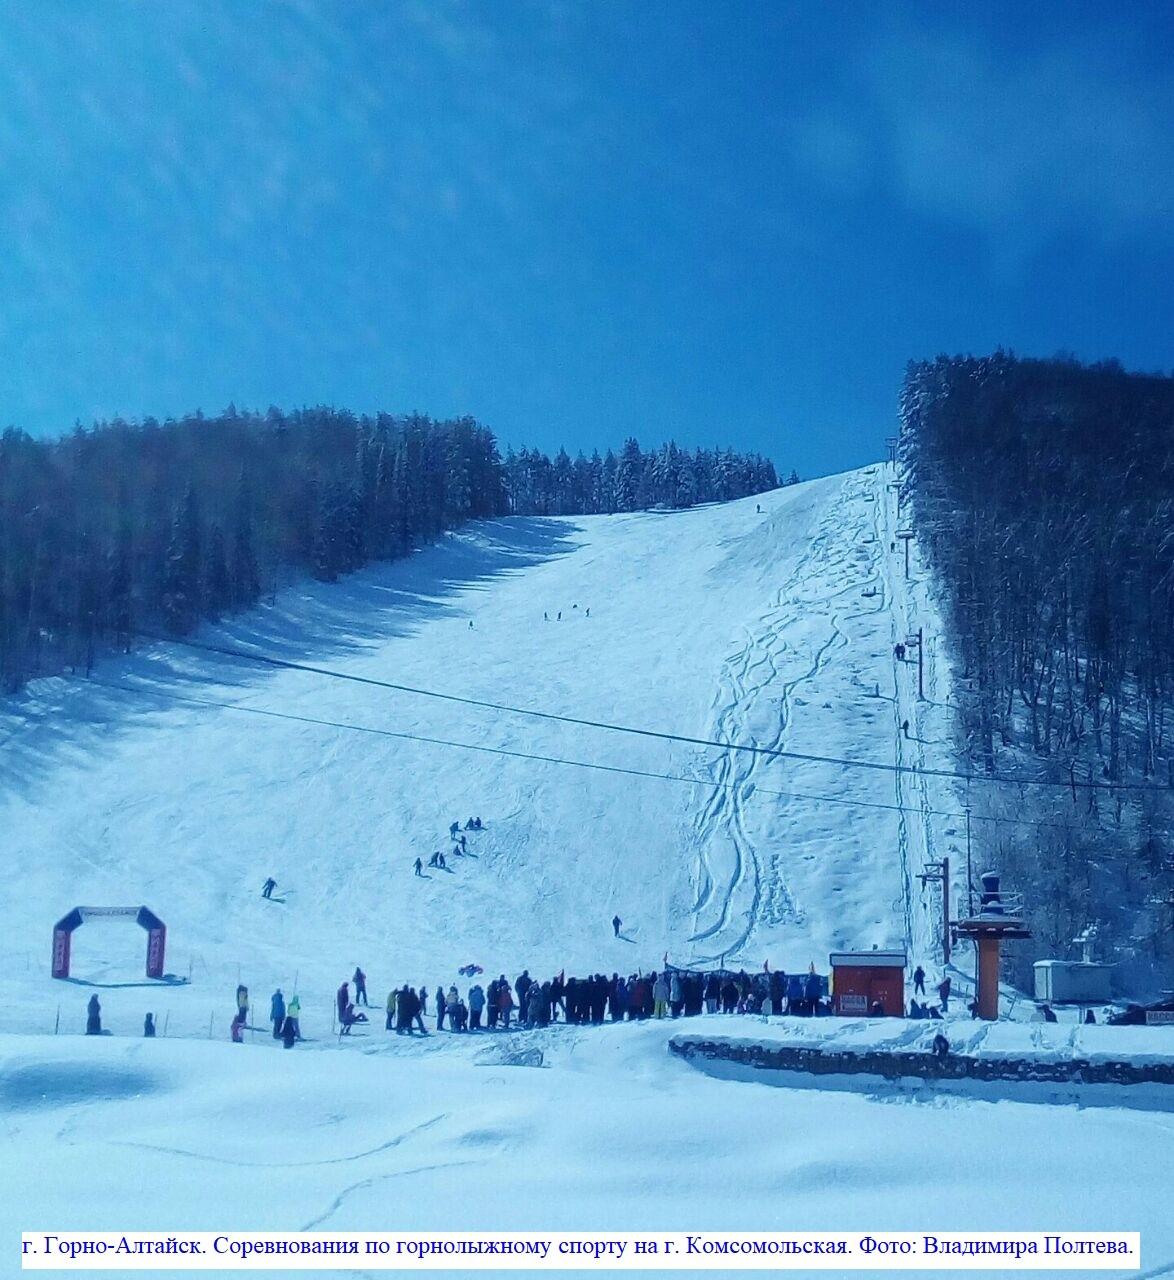 г. Горно-Алтайск. Соревнования по горнолыжному спорту на г. Комсомольская.